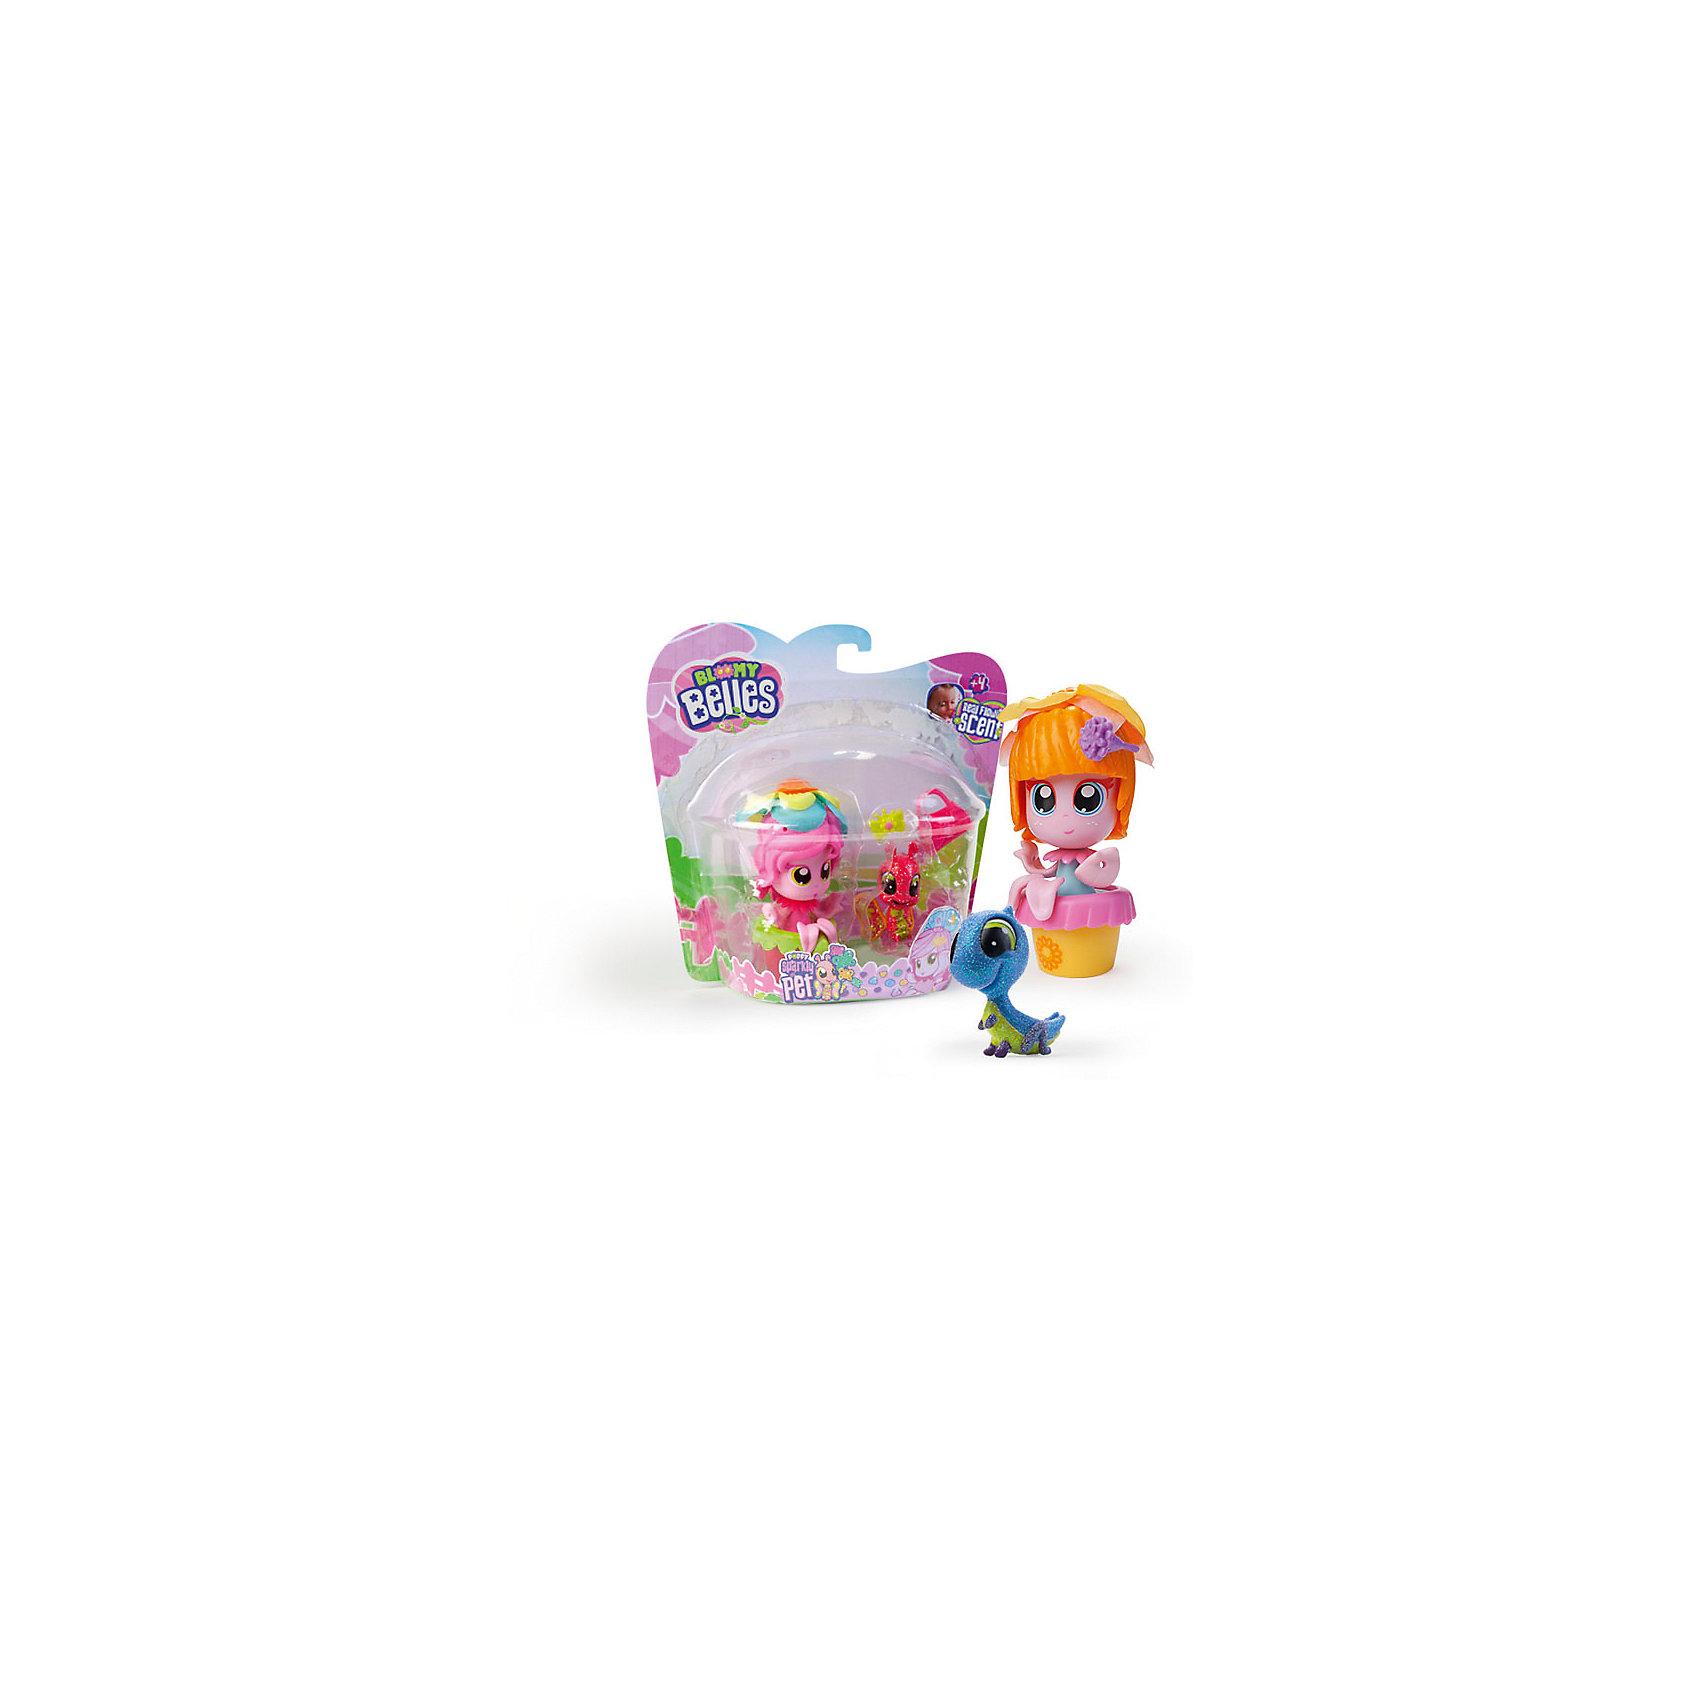 Набор серии Девочка-цветок, Toy ShockНабор серии Девочка-цветок, Toy Shock (Той Шок) - это прекрасный подарок для девочки.<br>Набор Девочка-цветок создан торговой маркой Toy Shock (Той Шок), производящей красивые и функциональные игрушки. В прекрасном волшебном саду живут необычные подружки - девочки-цветы со своими питомцами. Девочки растут в цветочных горшочках, у них разноцветные волосы украшенные цветами, и они издают настоящий цветочный аромат. А еще маленькие подружки могут меняться волосами, горшочками и аксессуарами. Ведь разбирать и собирать игрушку-цветочек - это очень занимательно. Любая девочка будет рада собрать всю коллекцию этих оригинальных куколок! Товар сертифицирован, соответствует ГОСТу.<br><br>Дополнительная информация:<br><br>- В наборе: ароматизированная кукла; питомец куклы; заколочка для волос; сумочка<br>- Высота куклы: 5 см.<br>- Материал: пластмасса<br>- Размер упаковки: 17,5х16,5х6 см.<br>- ВНИМАНИЕ! Данный артикул представлен в разных вариантах исполнения. К сожалению, заранее выбрать определенный вариант невозможно. При заказе нескольких наборов возможно получение одинаковых<br><br>Набор серии Девочка-цветок, Toy Shock (Той Шок) можно купить в нашем интернет-магазине.<br><br>Ширина мм: 210<br>Глубина мм: 70<br>Высота мм: 120<br>Вес г: 120<br>Возраст от месяцев: 48<br>Возраст до месяцев: 108<br>Пол: Женский<br>Возраст: Детский<br>SKU: 4747494